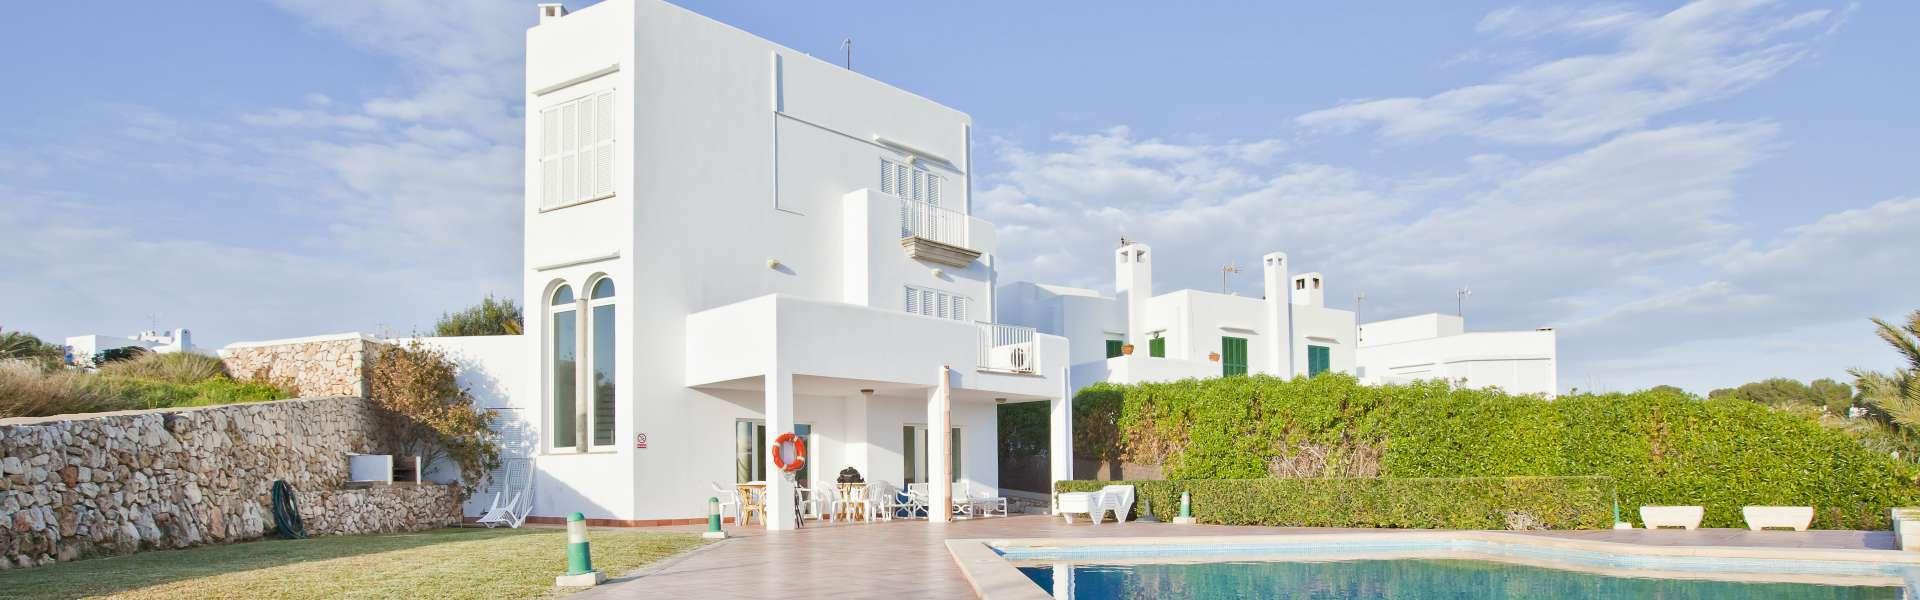 Cala d'or - Villa in erster Meerlinie zum Kauf